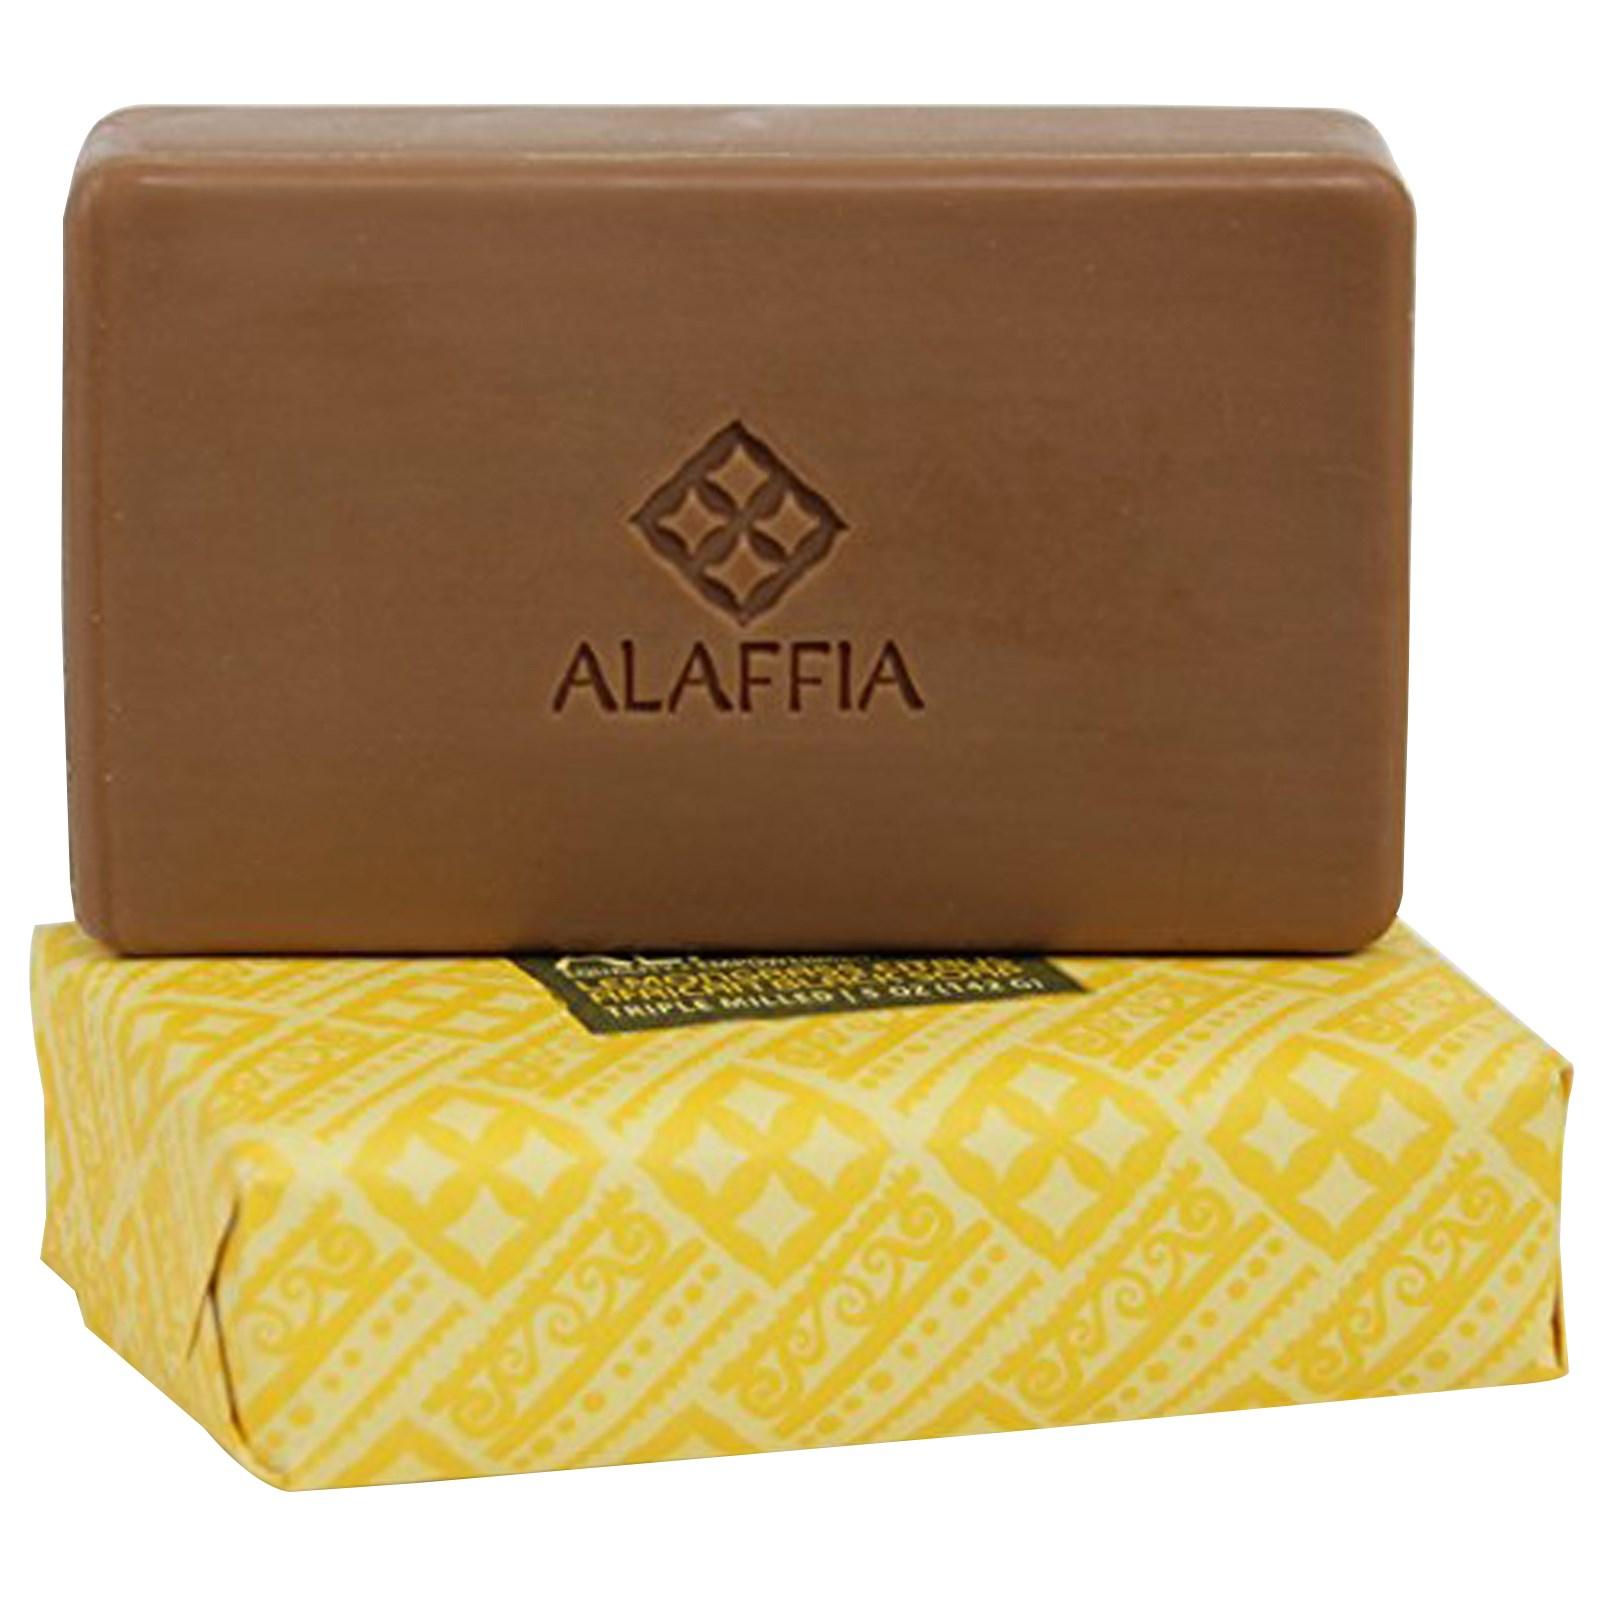 Африканское черное мыло тройного размола Alaffia (142 г)